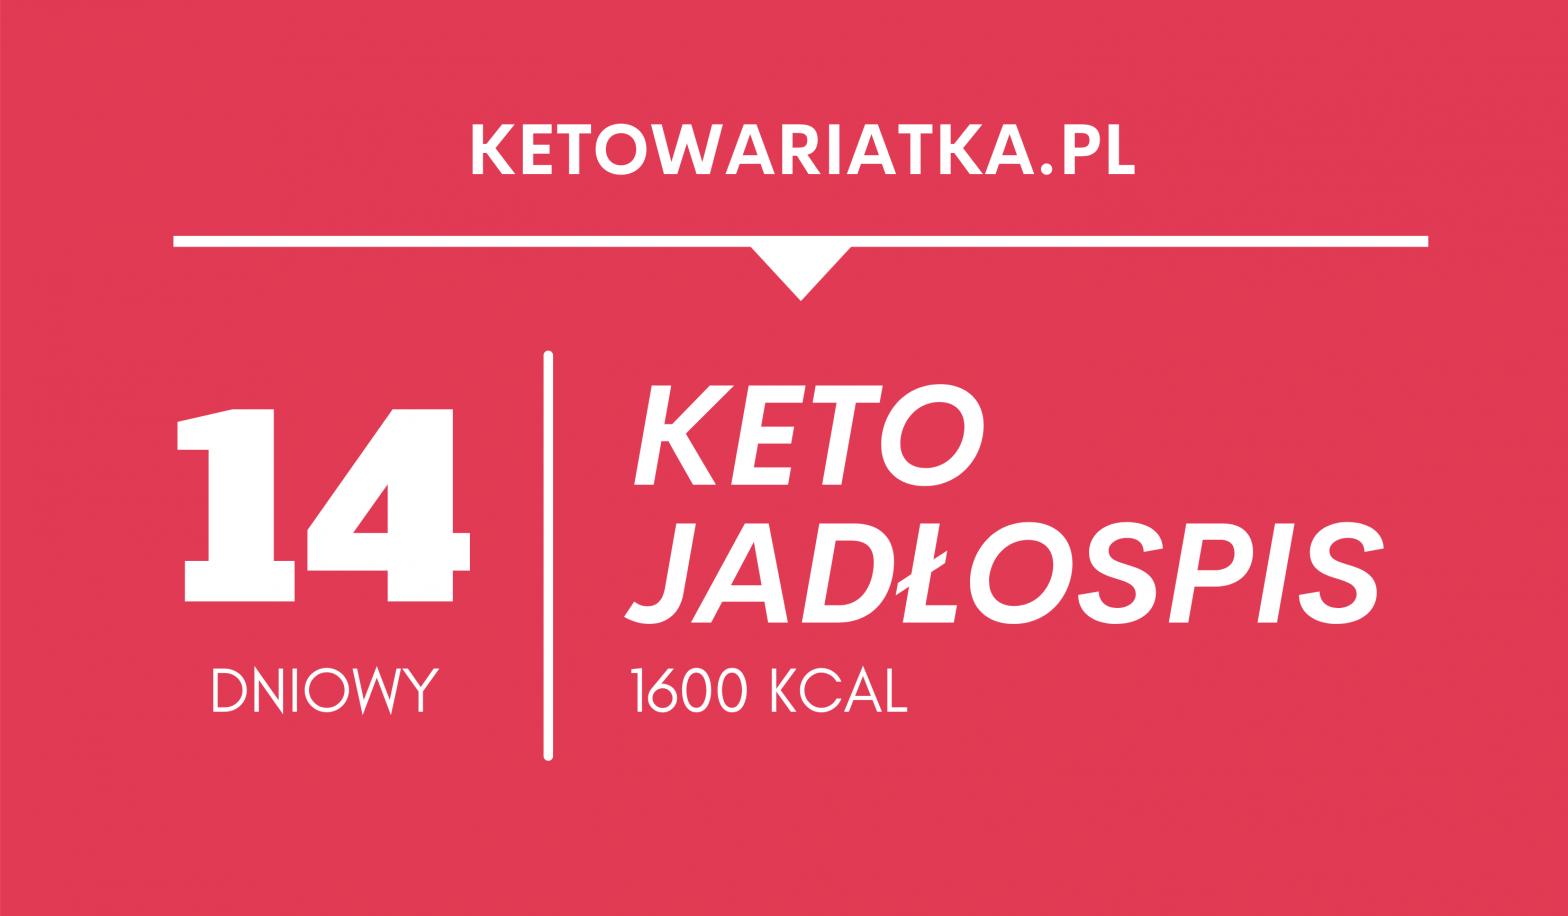 Keto jadłospis – 14 dni (1600 kcal)